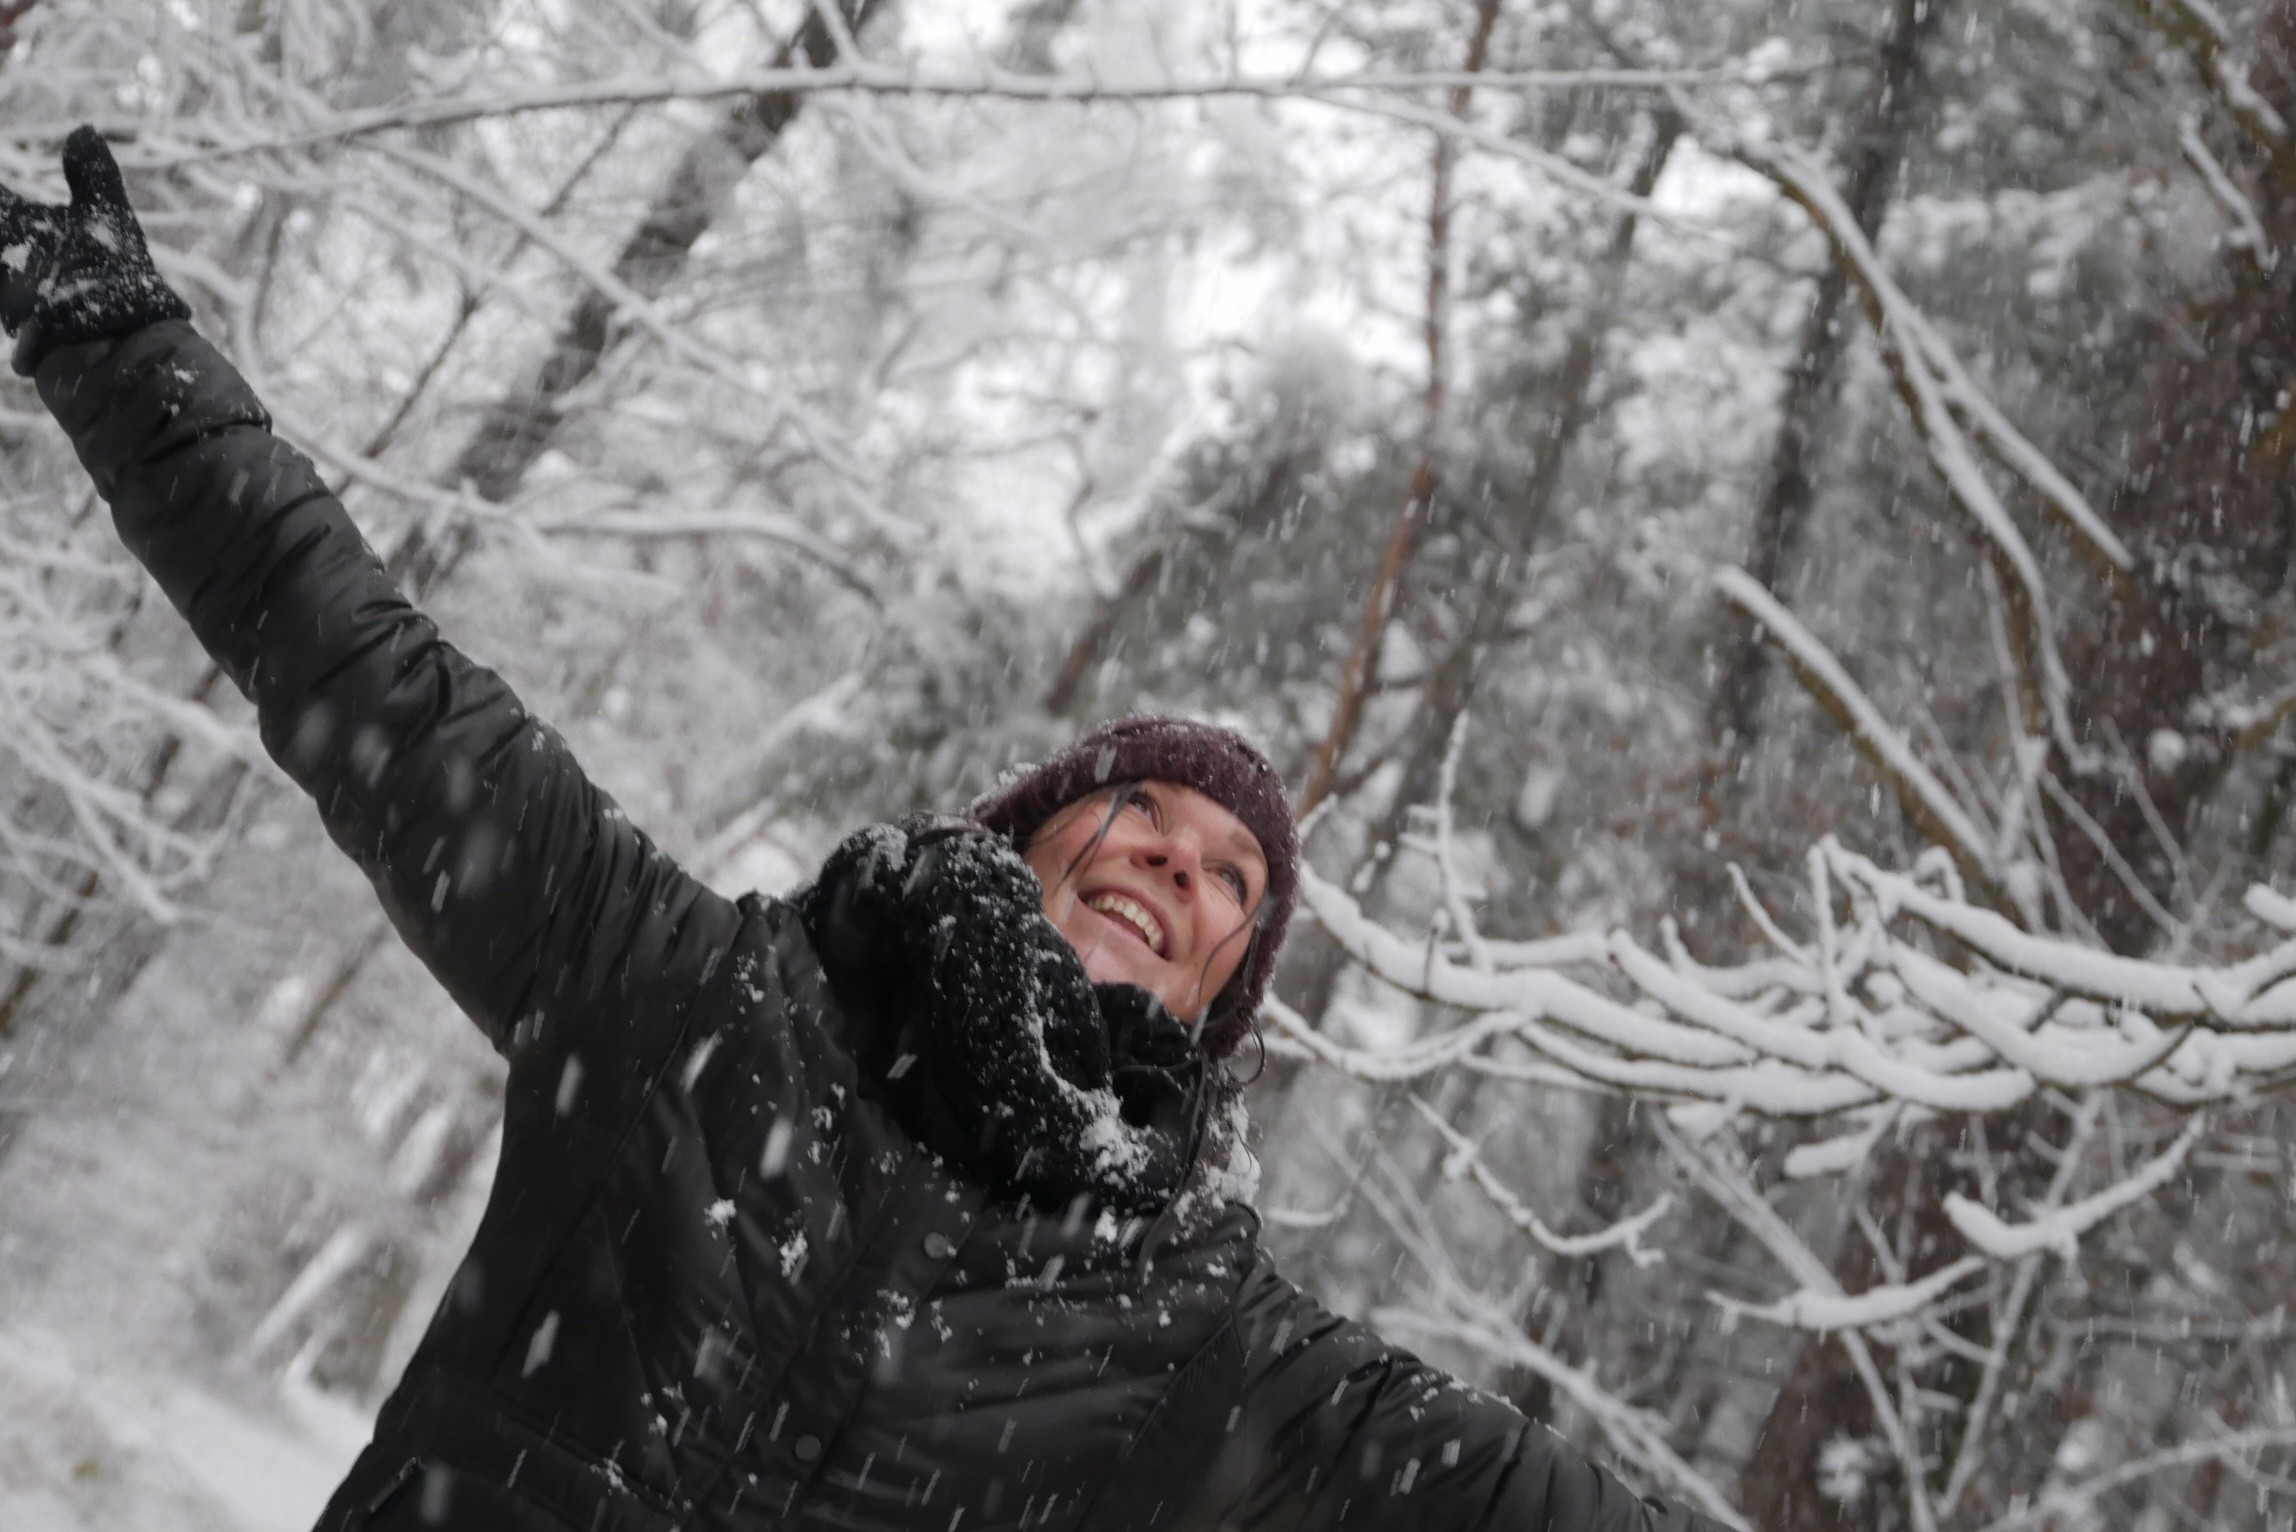 De mooiste plekken in Nederland voor een winterwandeling en wat doe je aan?